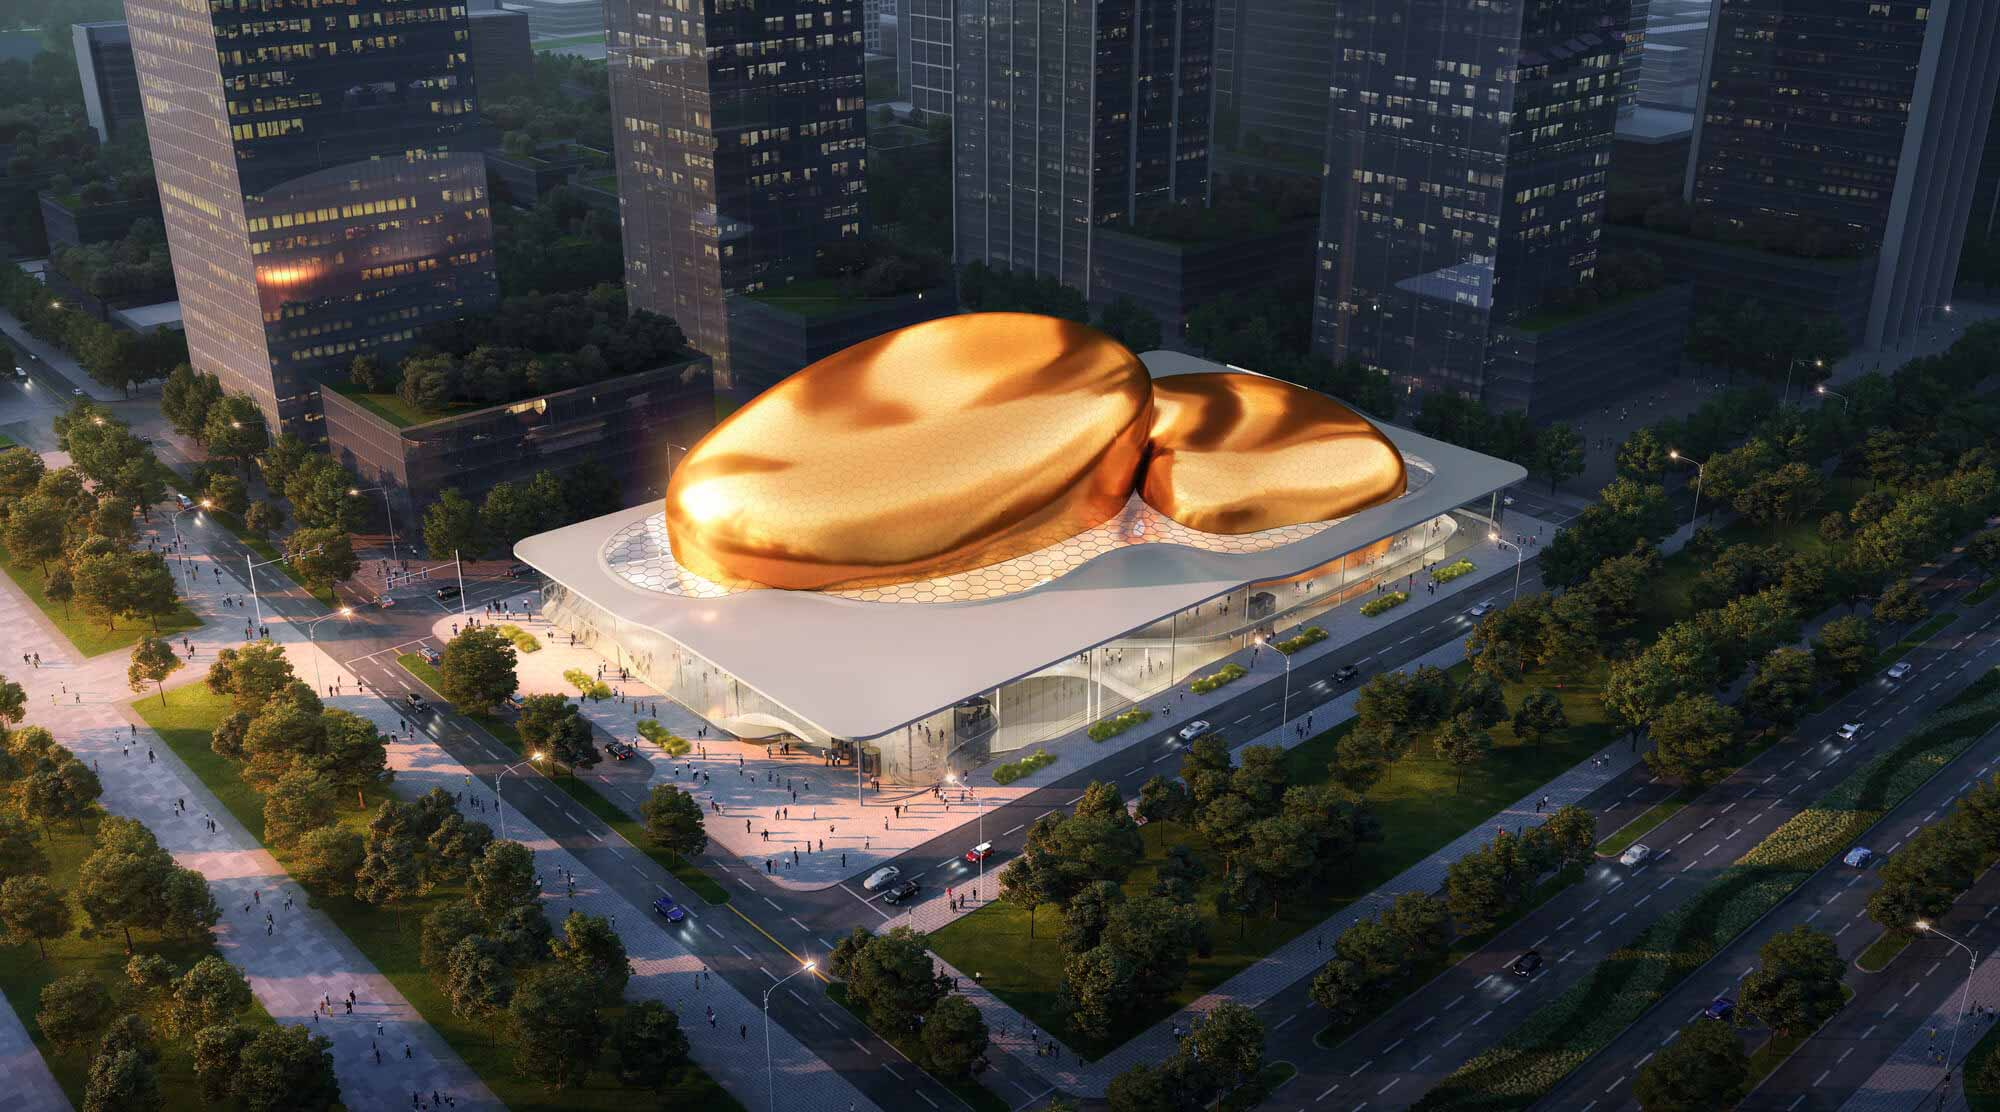 Архитекторы Ennead выбраны для проектирования Международного концертного центра в Шэньчжэне